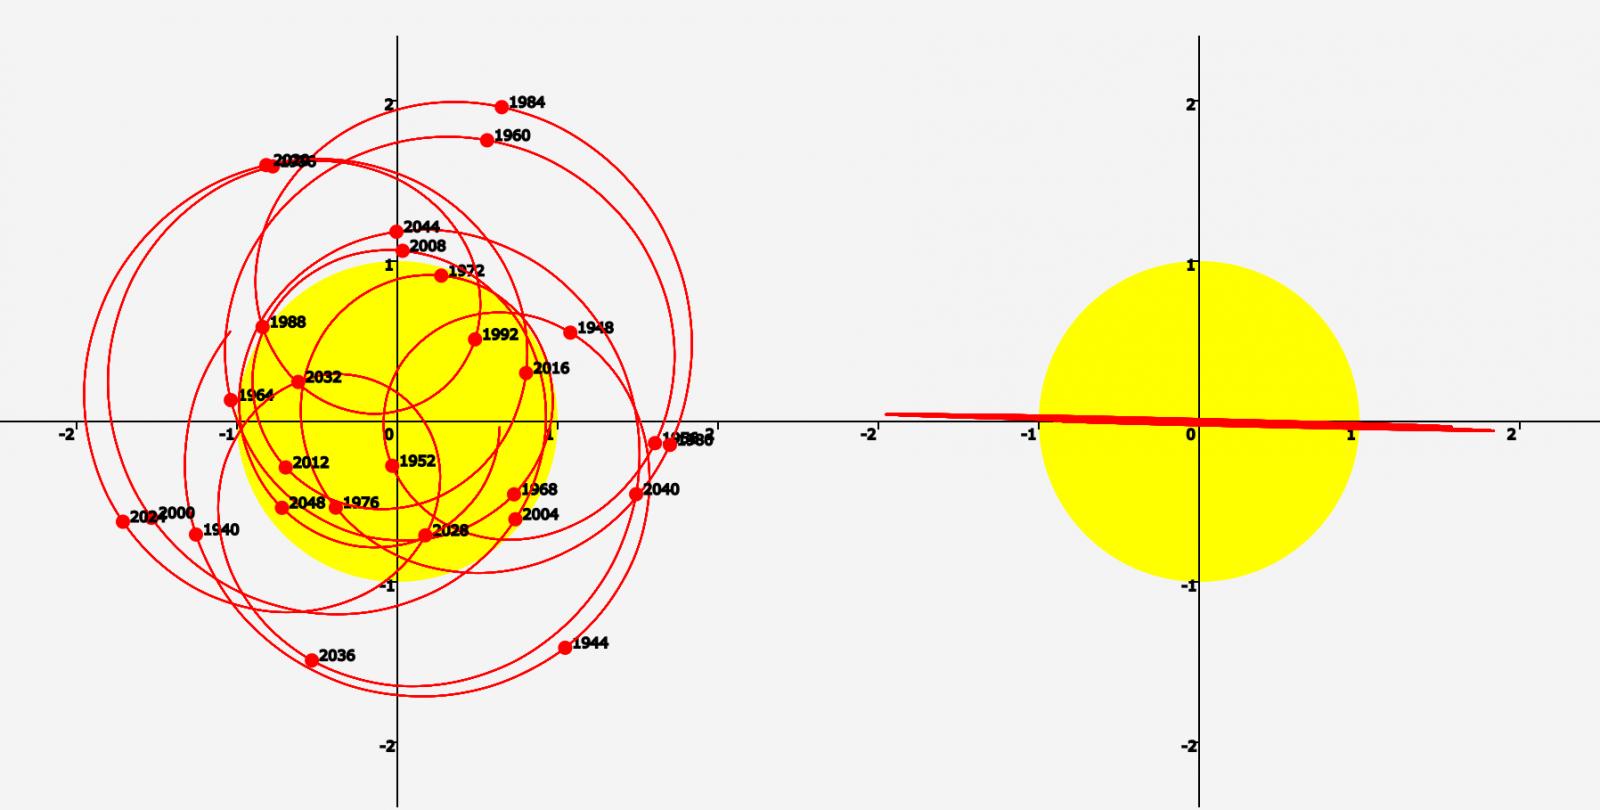 Центр масс солнечной системы